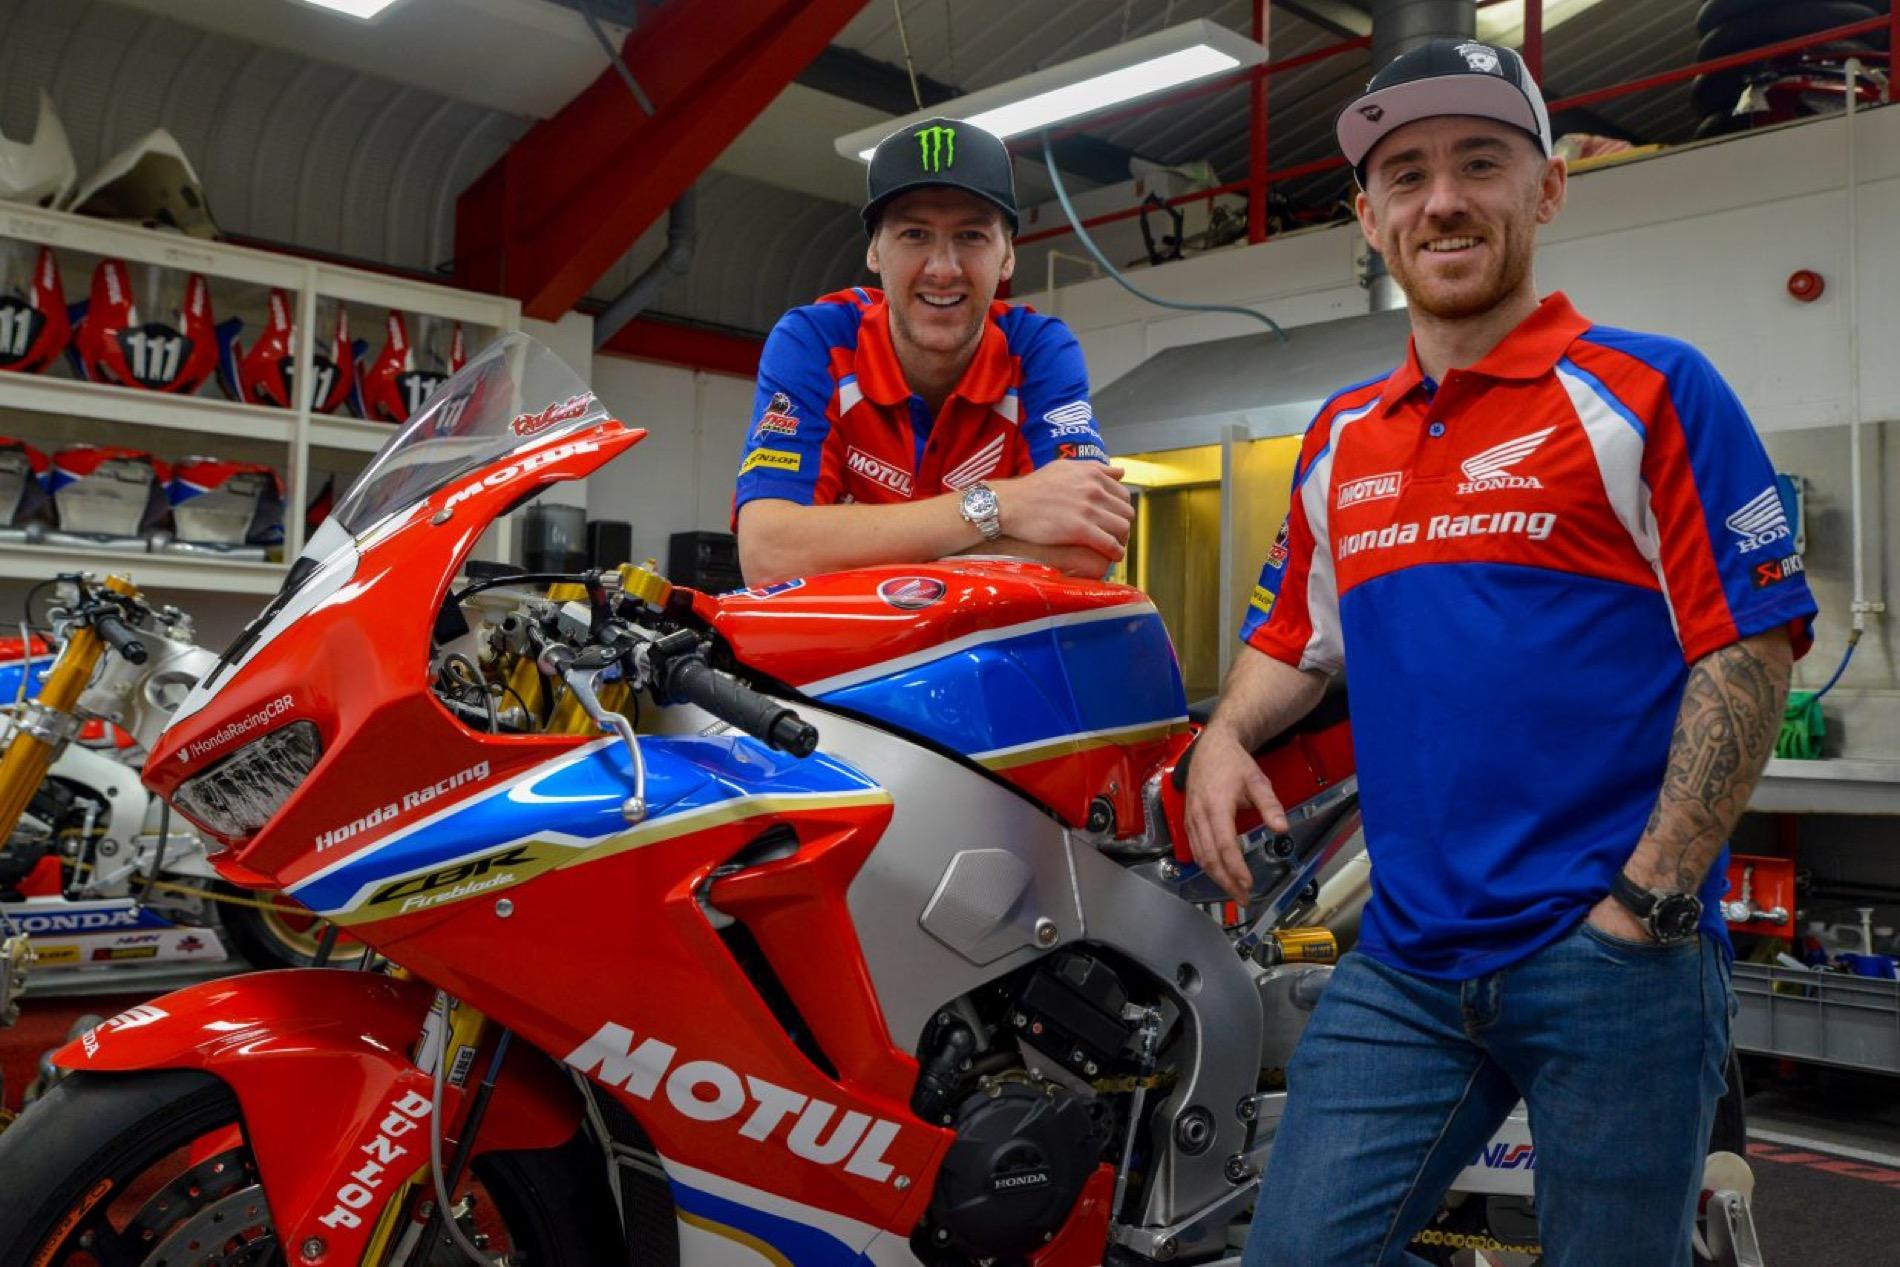 Ian Hutchinson ficha por Honda, este es el nuevo equipo del ala dorada para el Tourist Trophy